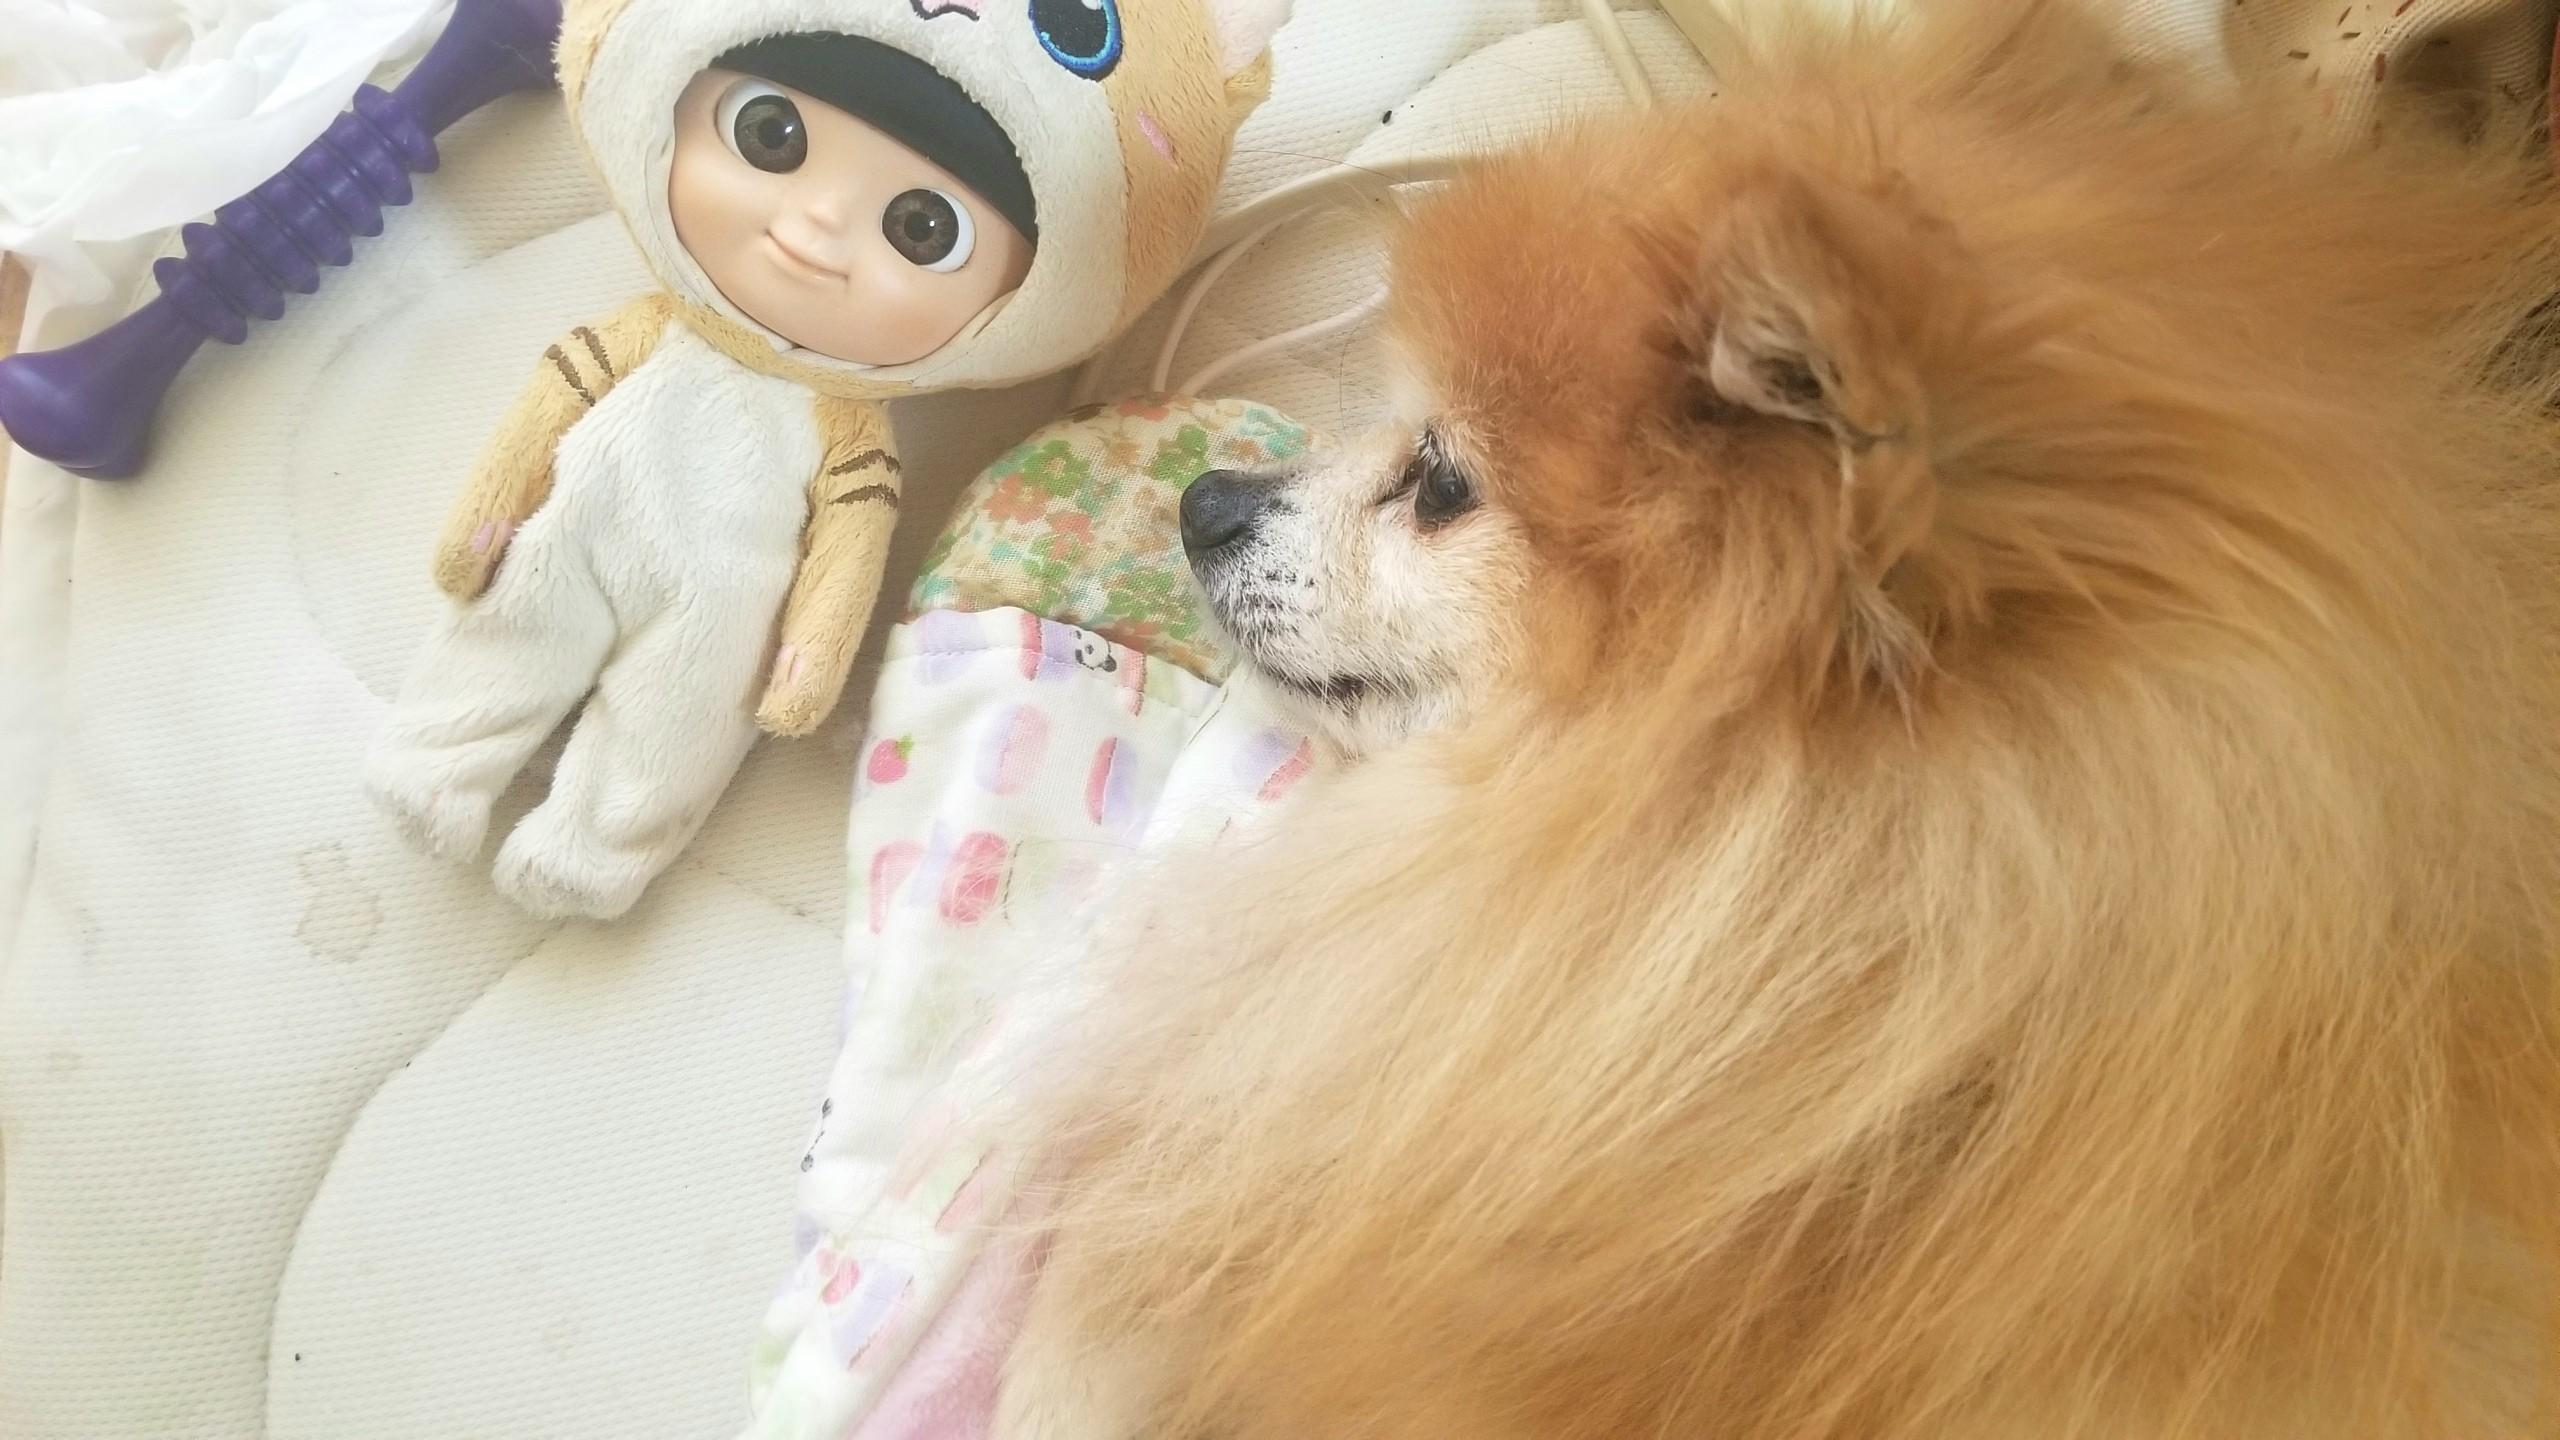 世界一かわいいポメラニアン,大好きな愛犬,若い老犬,もふもふ寝顔